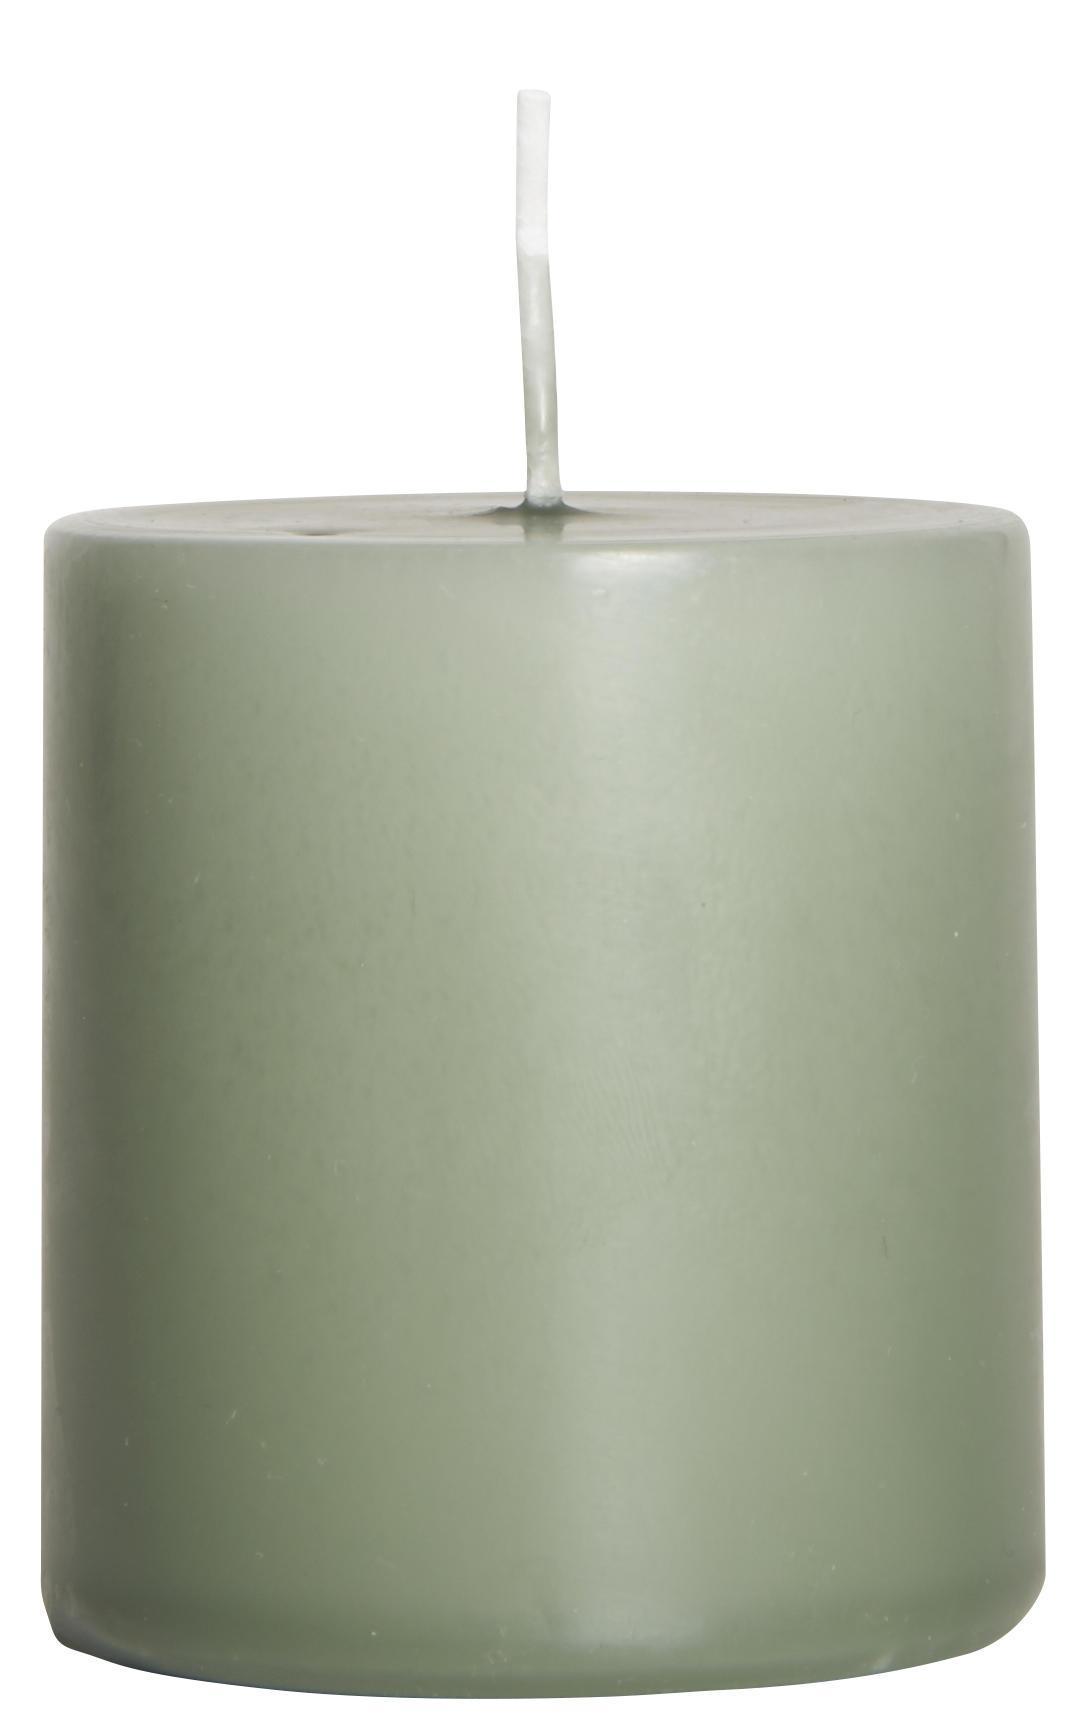 IB LAURSEN Svíčka Moss green 7 cm, zelená barva, vosk